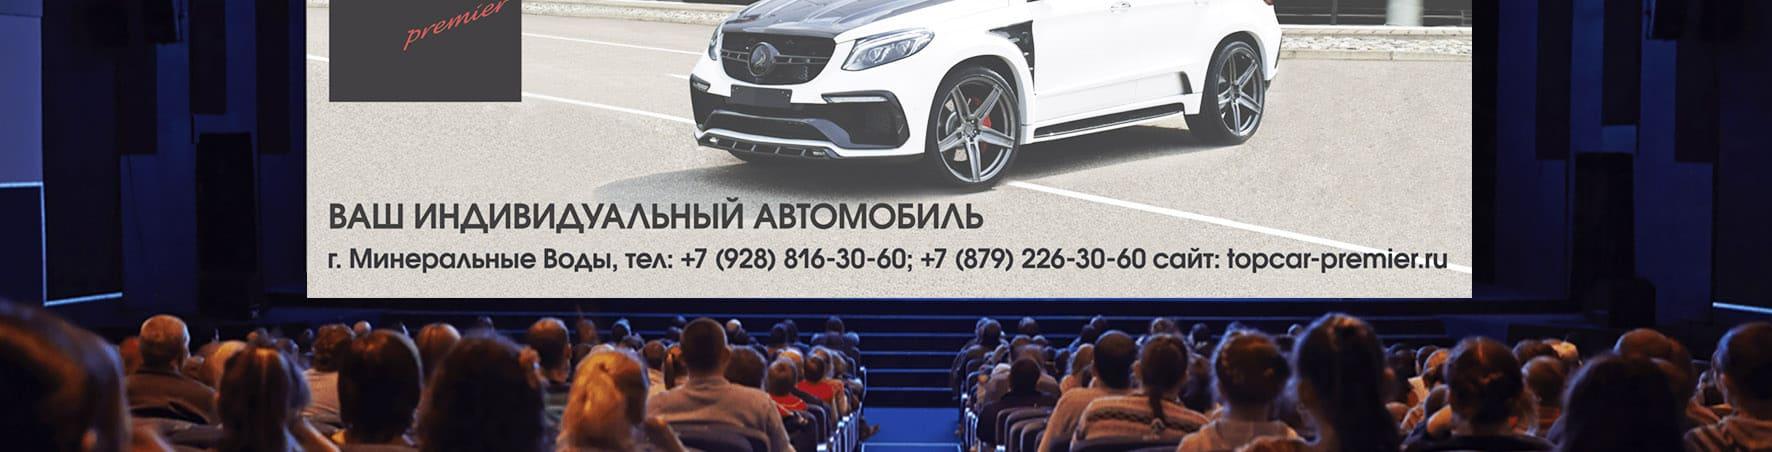 Реклама в кинотеатре в Нальчике контакты